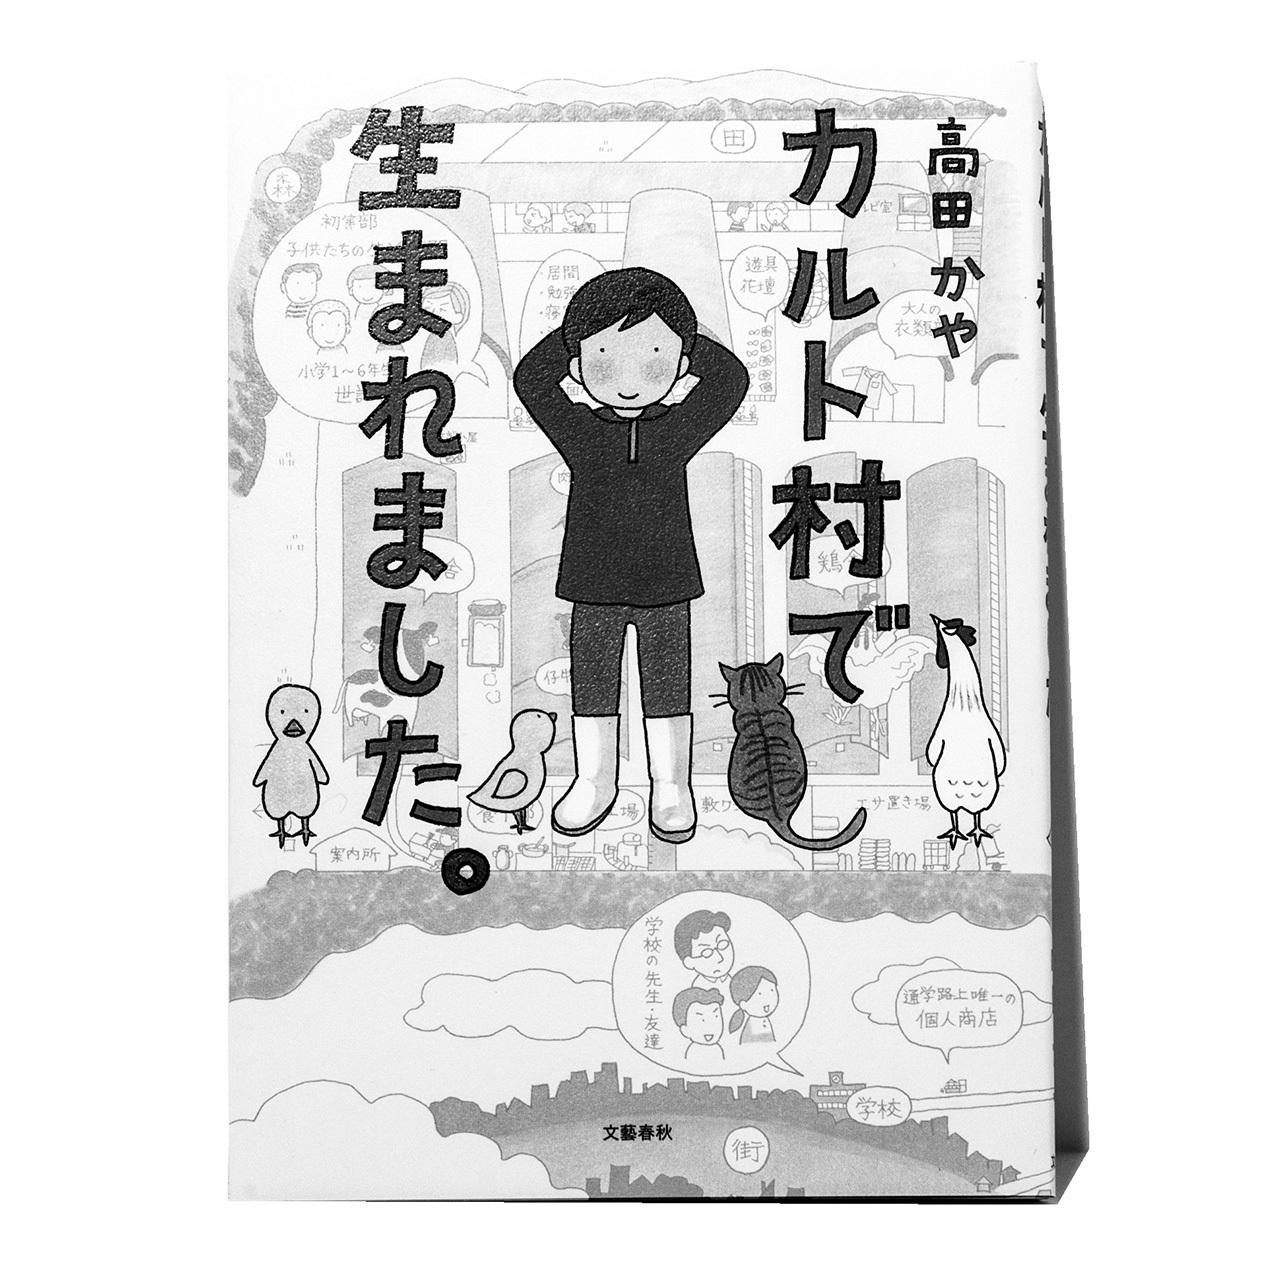 漫画LOVERが本気で選ぶ!笑って泣ける、コミックエッセイ 五選_1_1-4